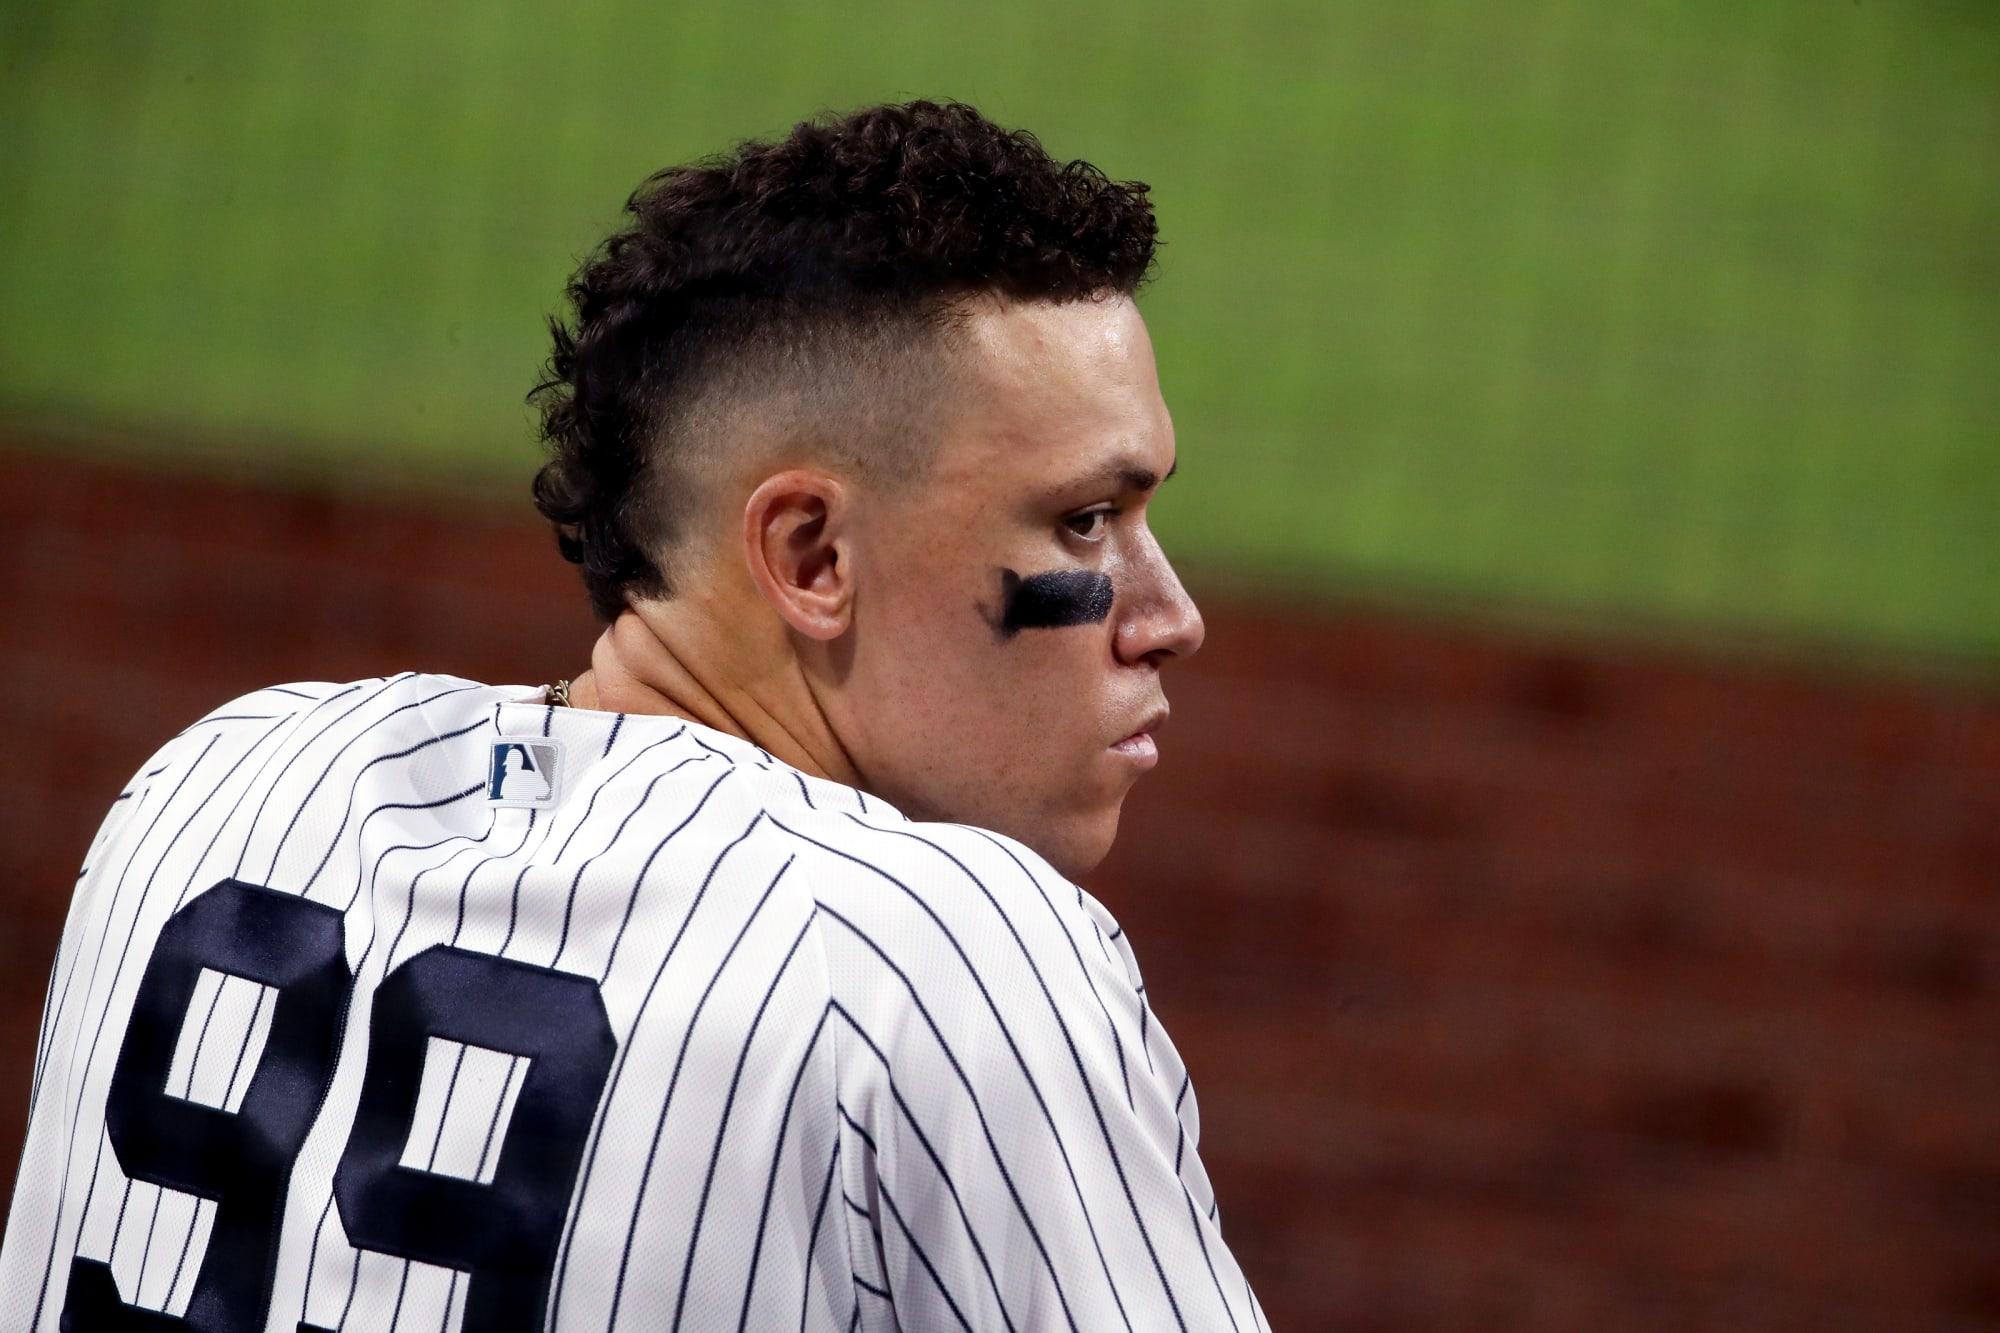 Yankees: Aaron Judge entering most pressure-packed season of career